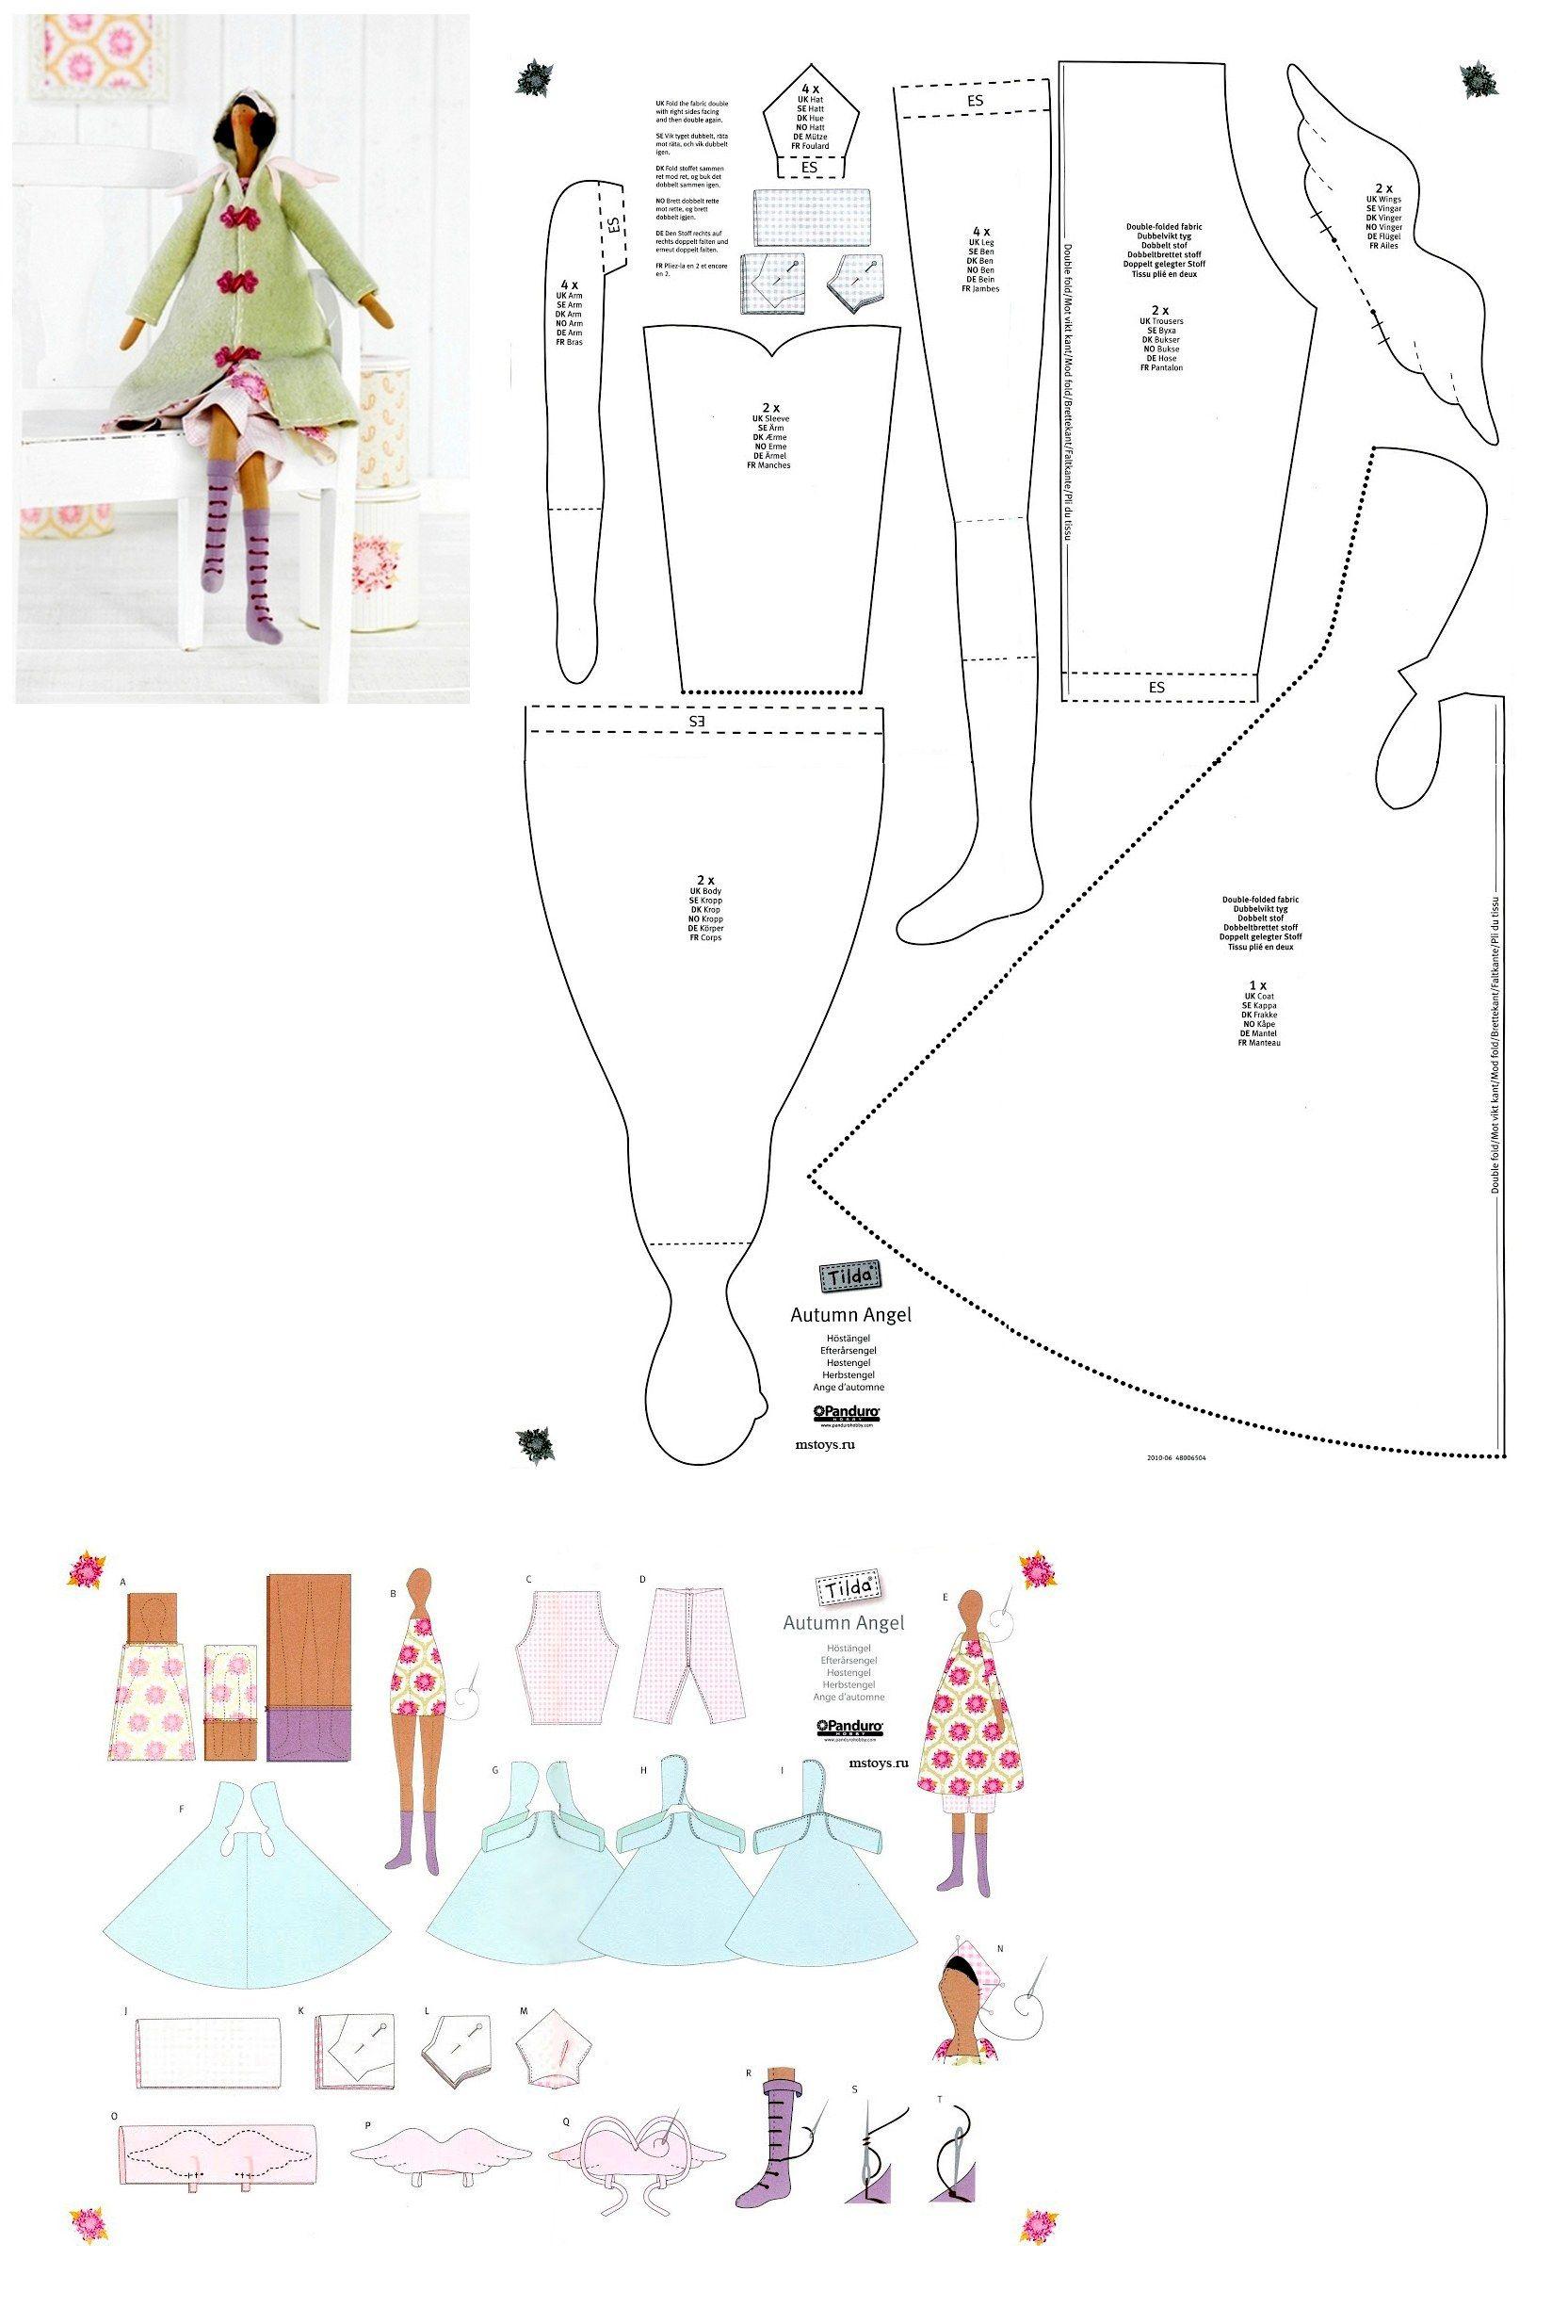 Pin de Mona683 en Crafts | Pinterest | Muñecas, Muñecas de trapo y Molde